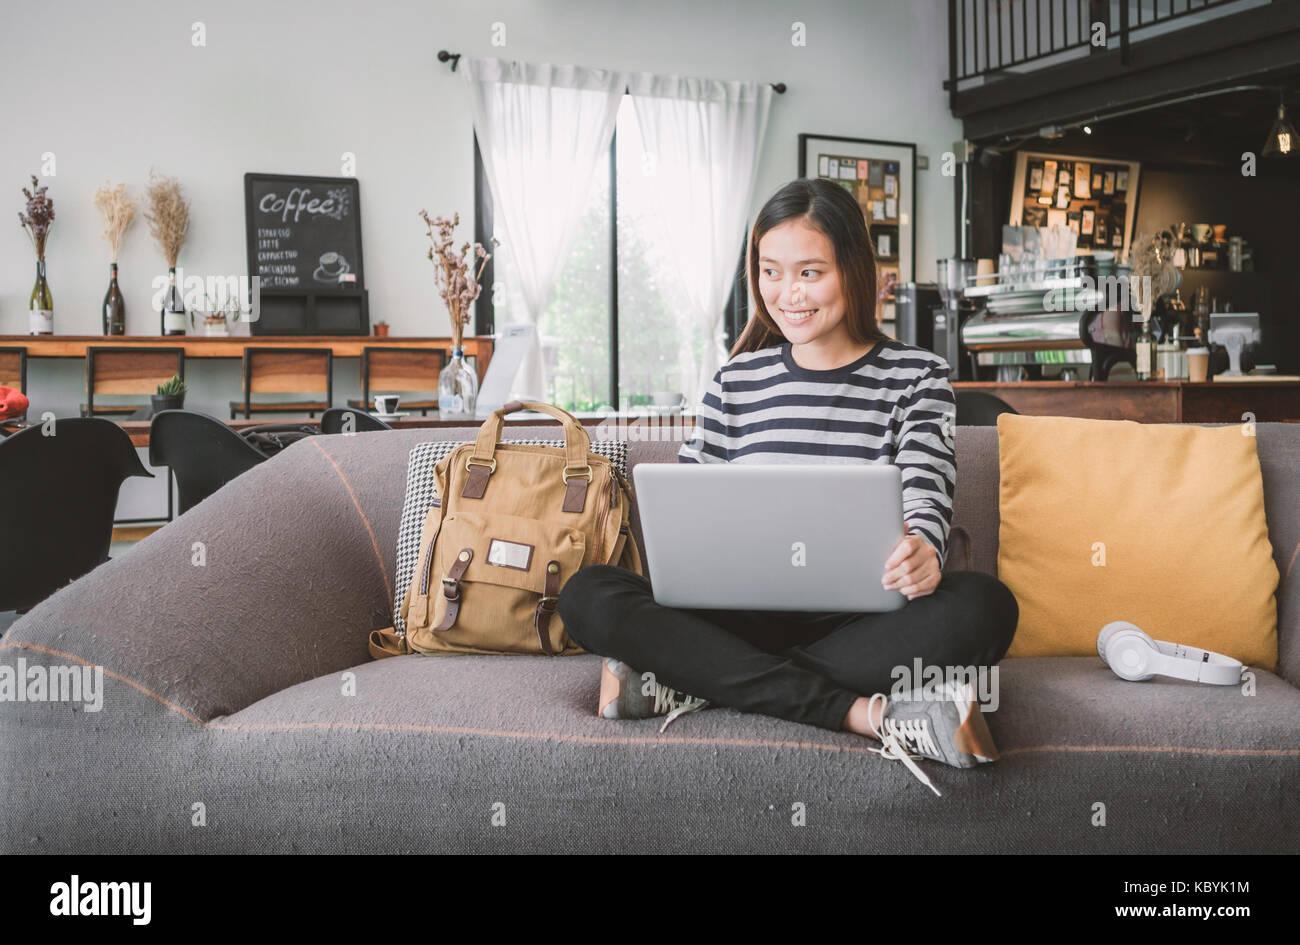 Joven asiática con ordenador portátil y escuchar música en el sofá con cara sonriente, feliz en la cafetería,edad Foto de stock